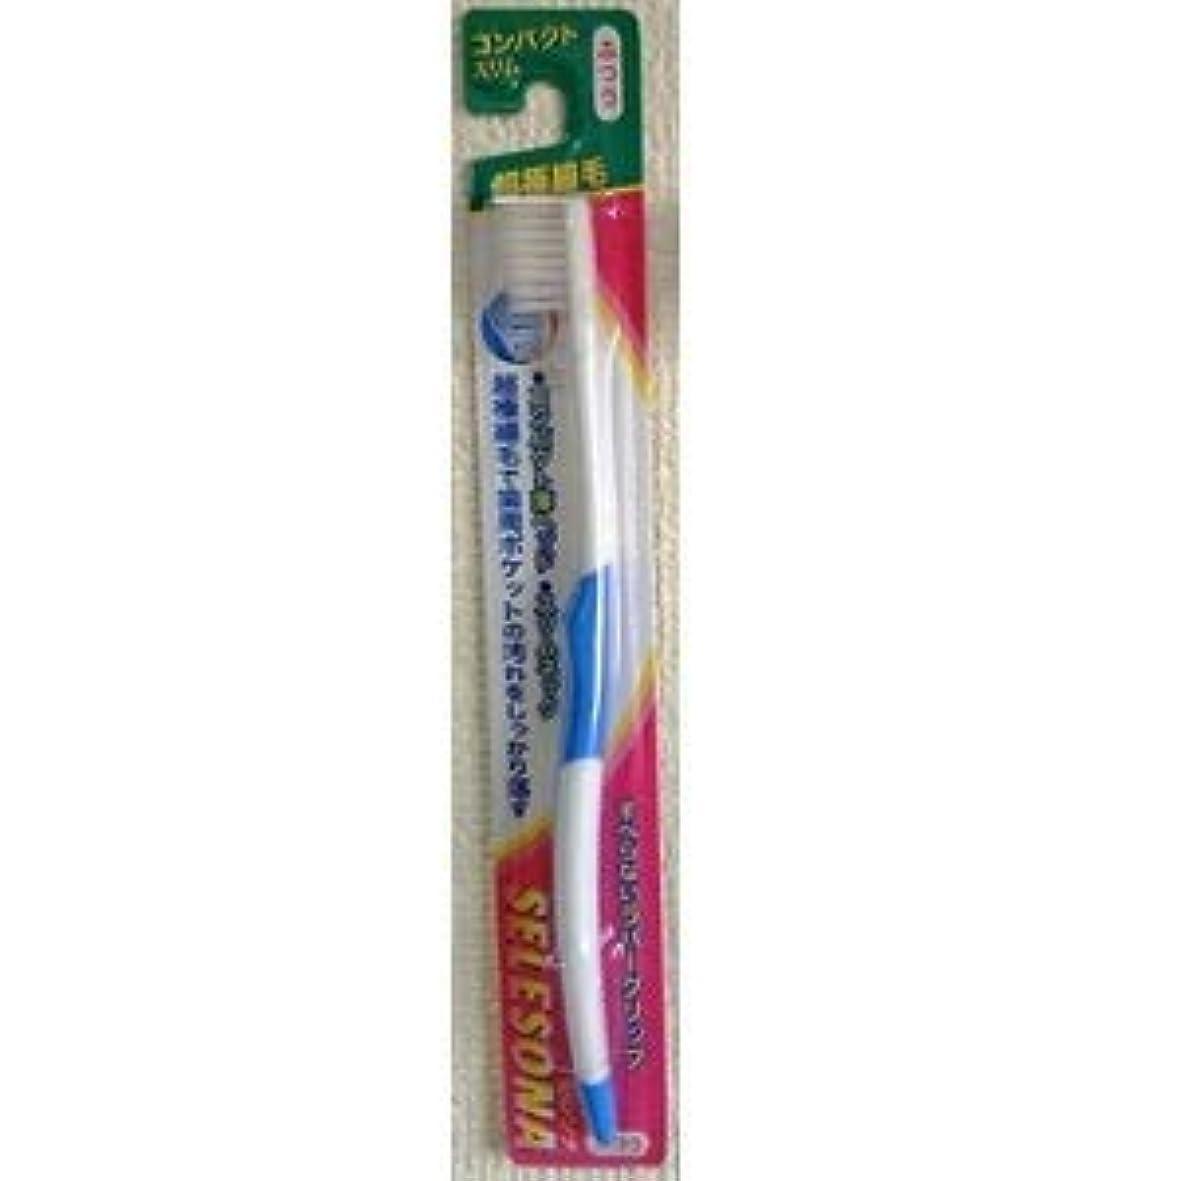 燃やすパン傾斜本草製薬 セレソナ 歯ブラシ 超極細 ふつう (1本入)